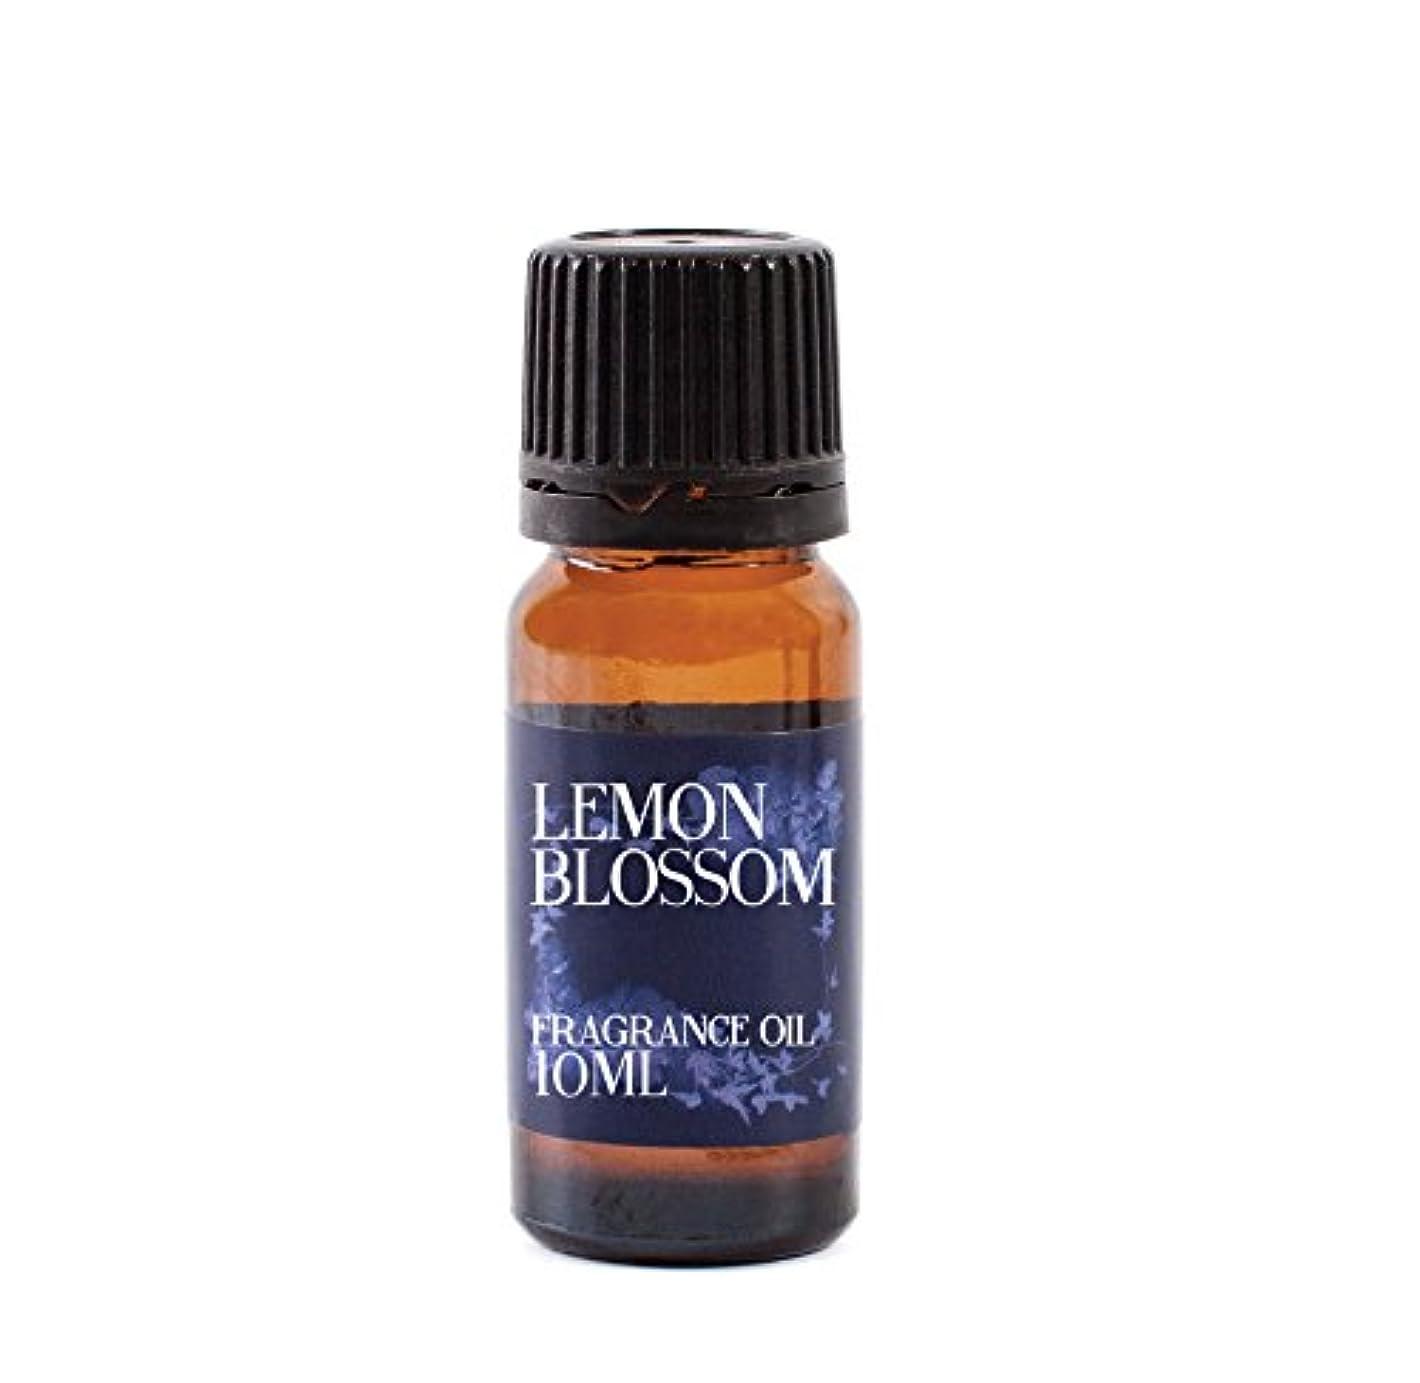 振る舞う事業内容酸っぱいMystic Moments | Lemon Blossom Fragrance Oil - 10ml